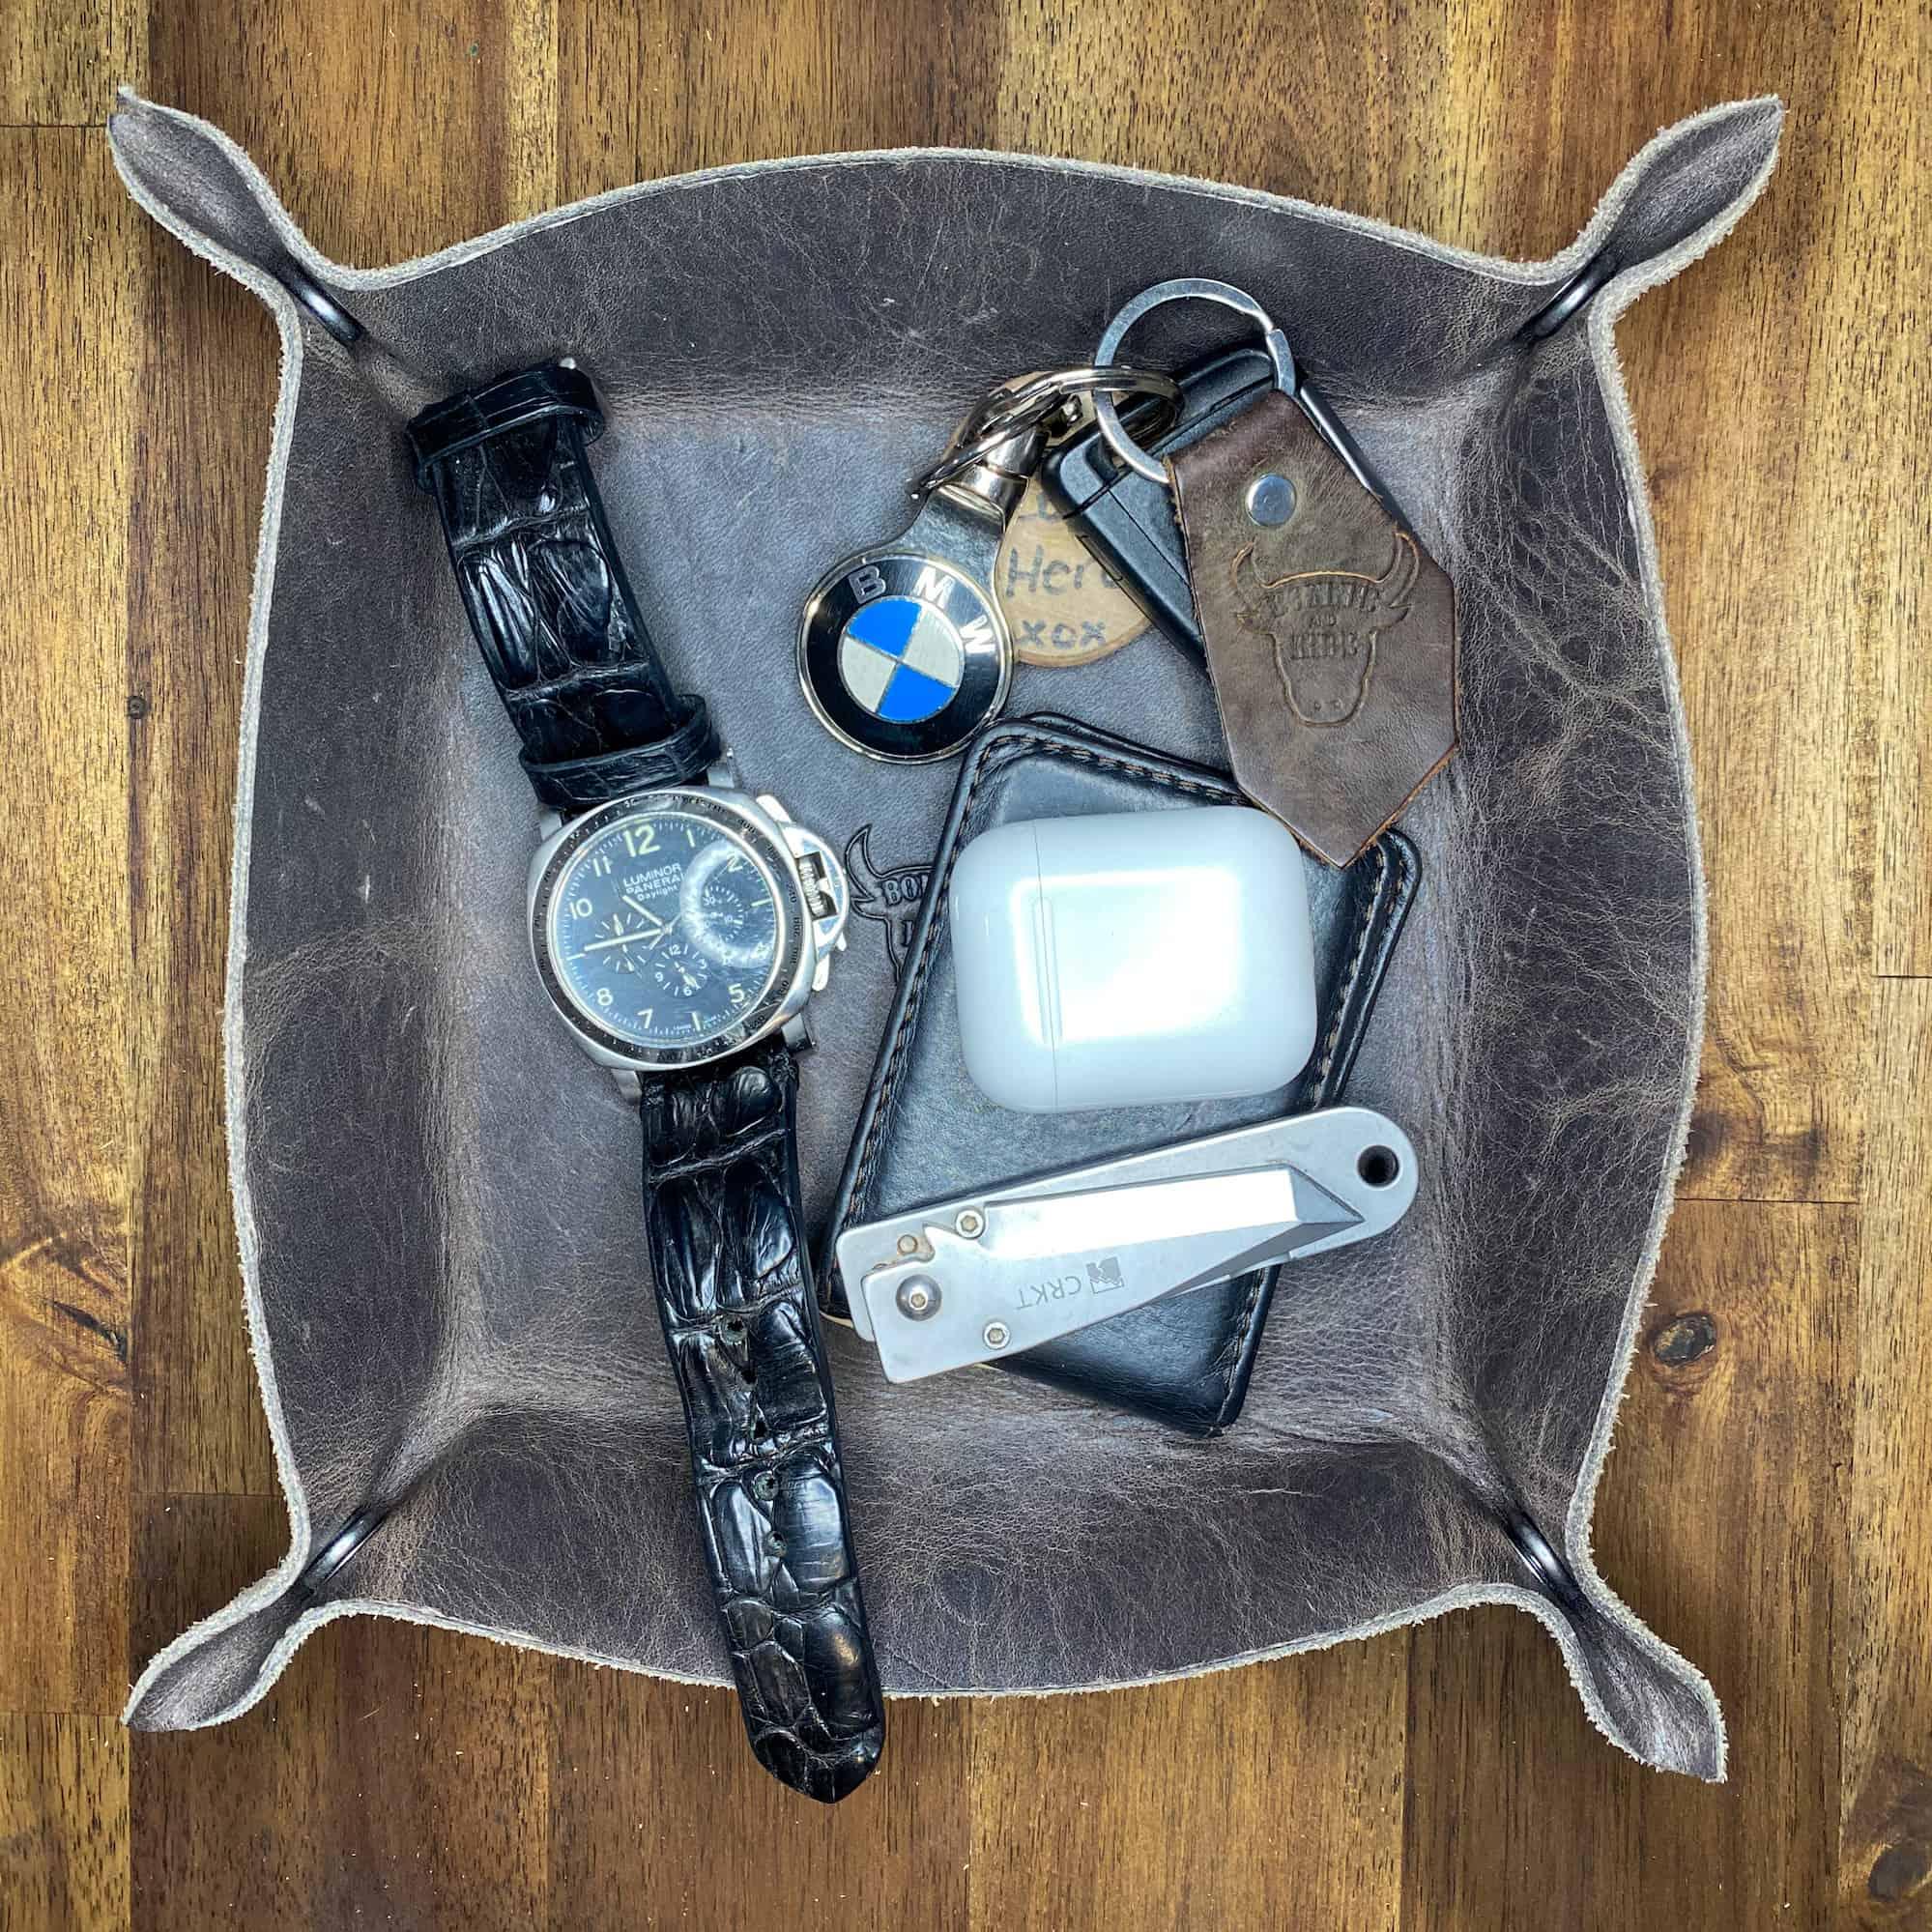 tray full of items